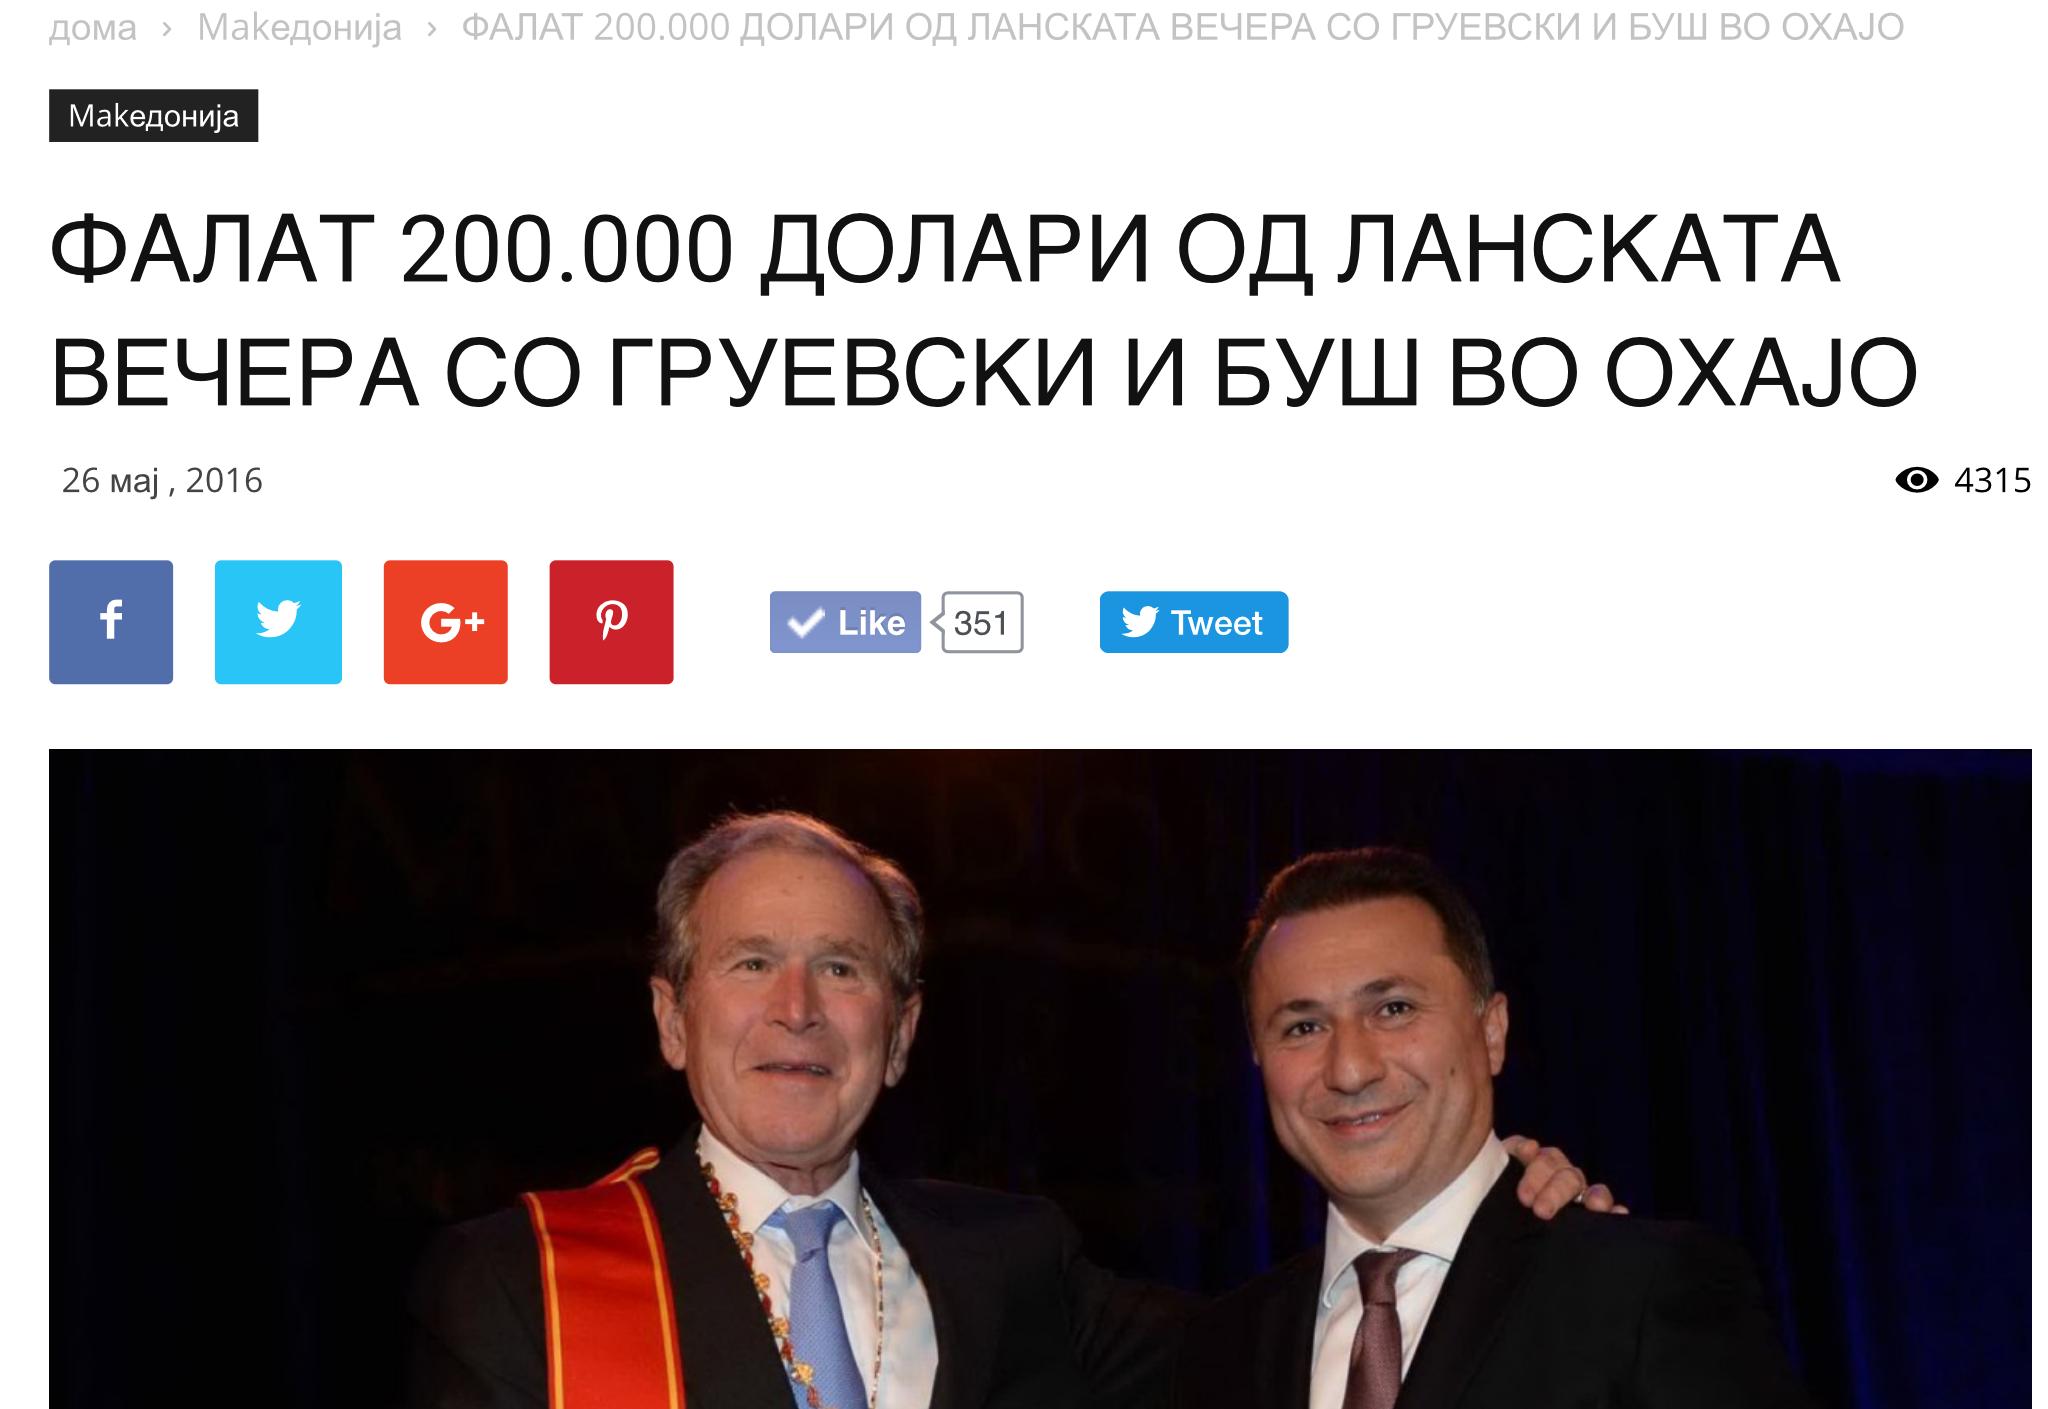 """НЕ ФАЛАТ 200.000 ДОЛАРИ, СТАНУВА ЗБОР ЗА ВЕТЕНИ ДОНАЦИИ, РЕАГИРААТ ОД ФОНДАЦИЈАТА """"МАКЕДОНИЈА 2025"""""""